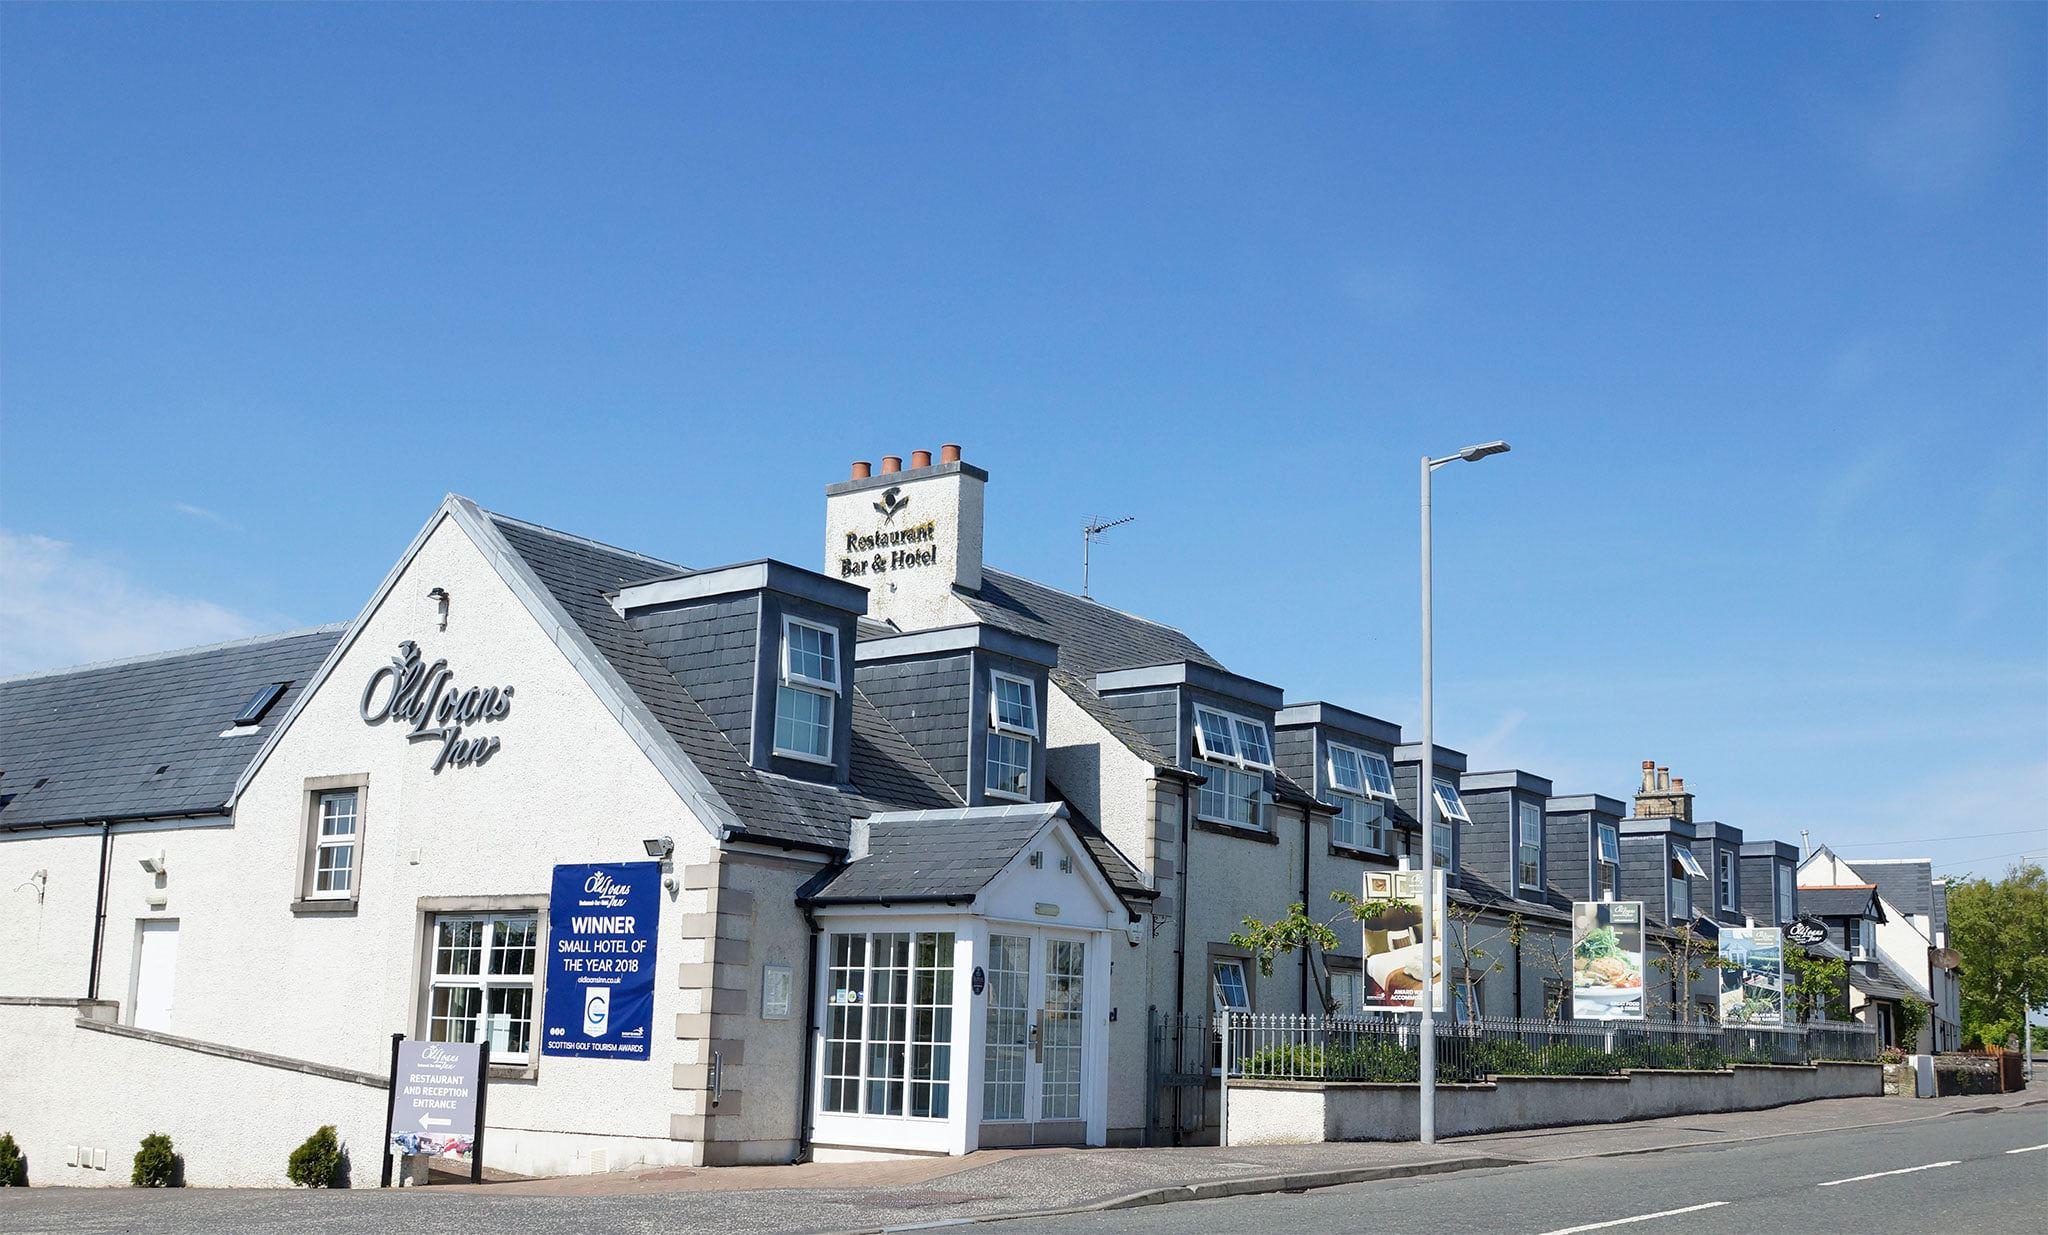 Old Loans Inn